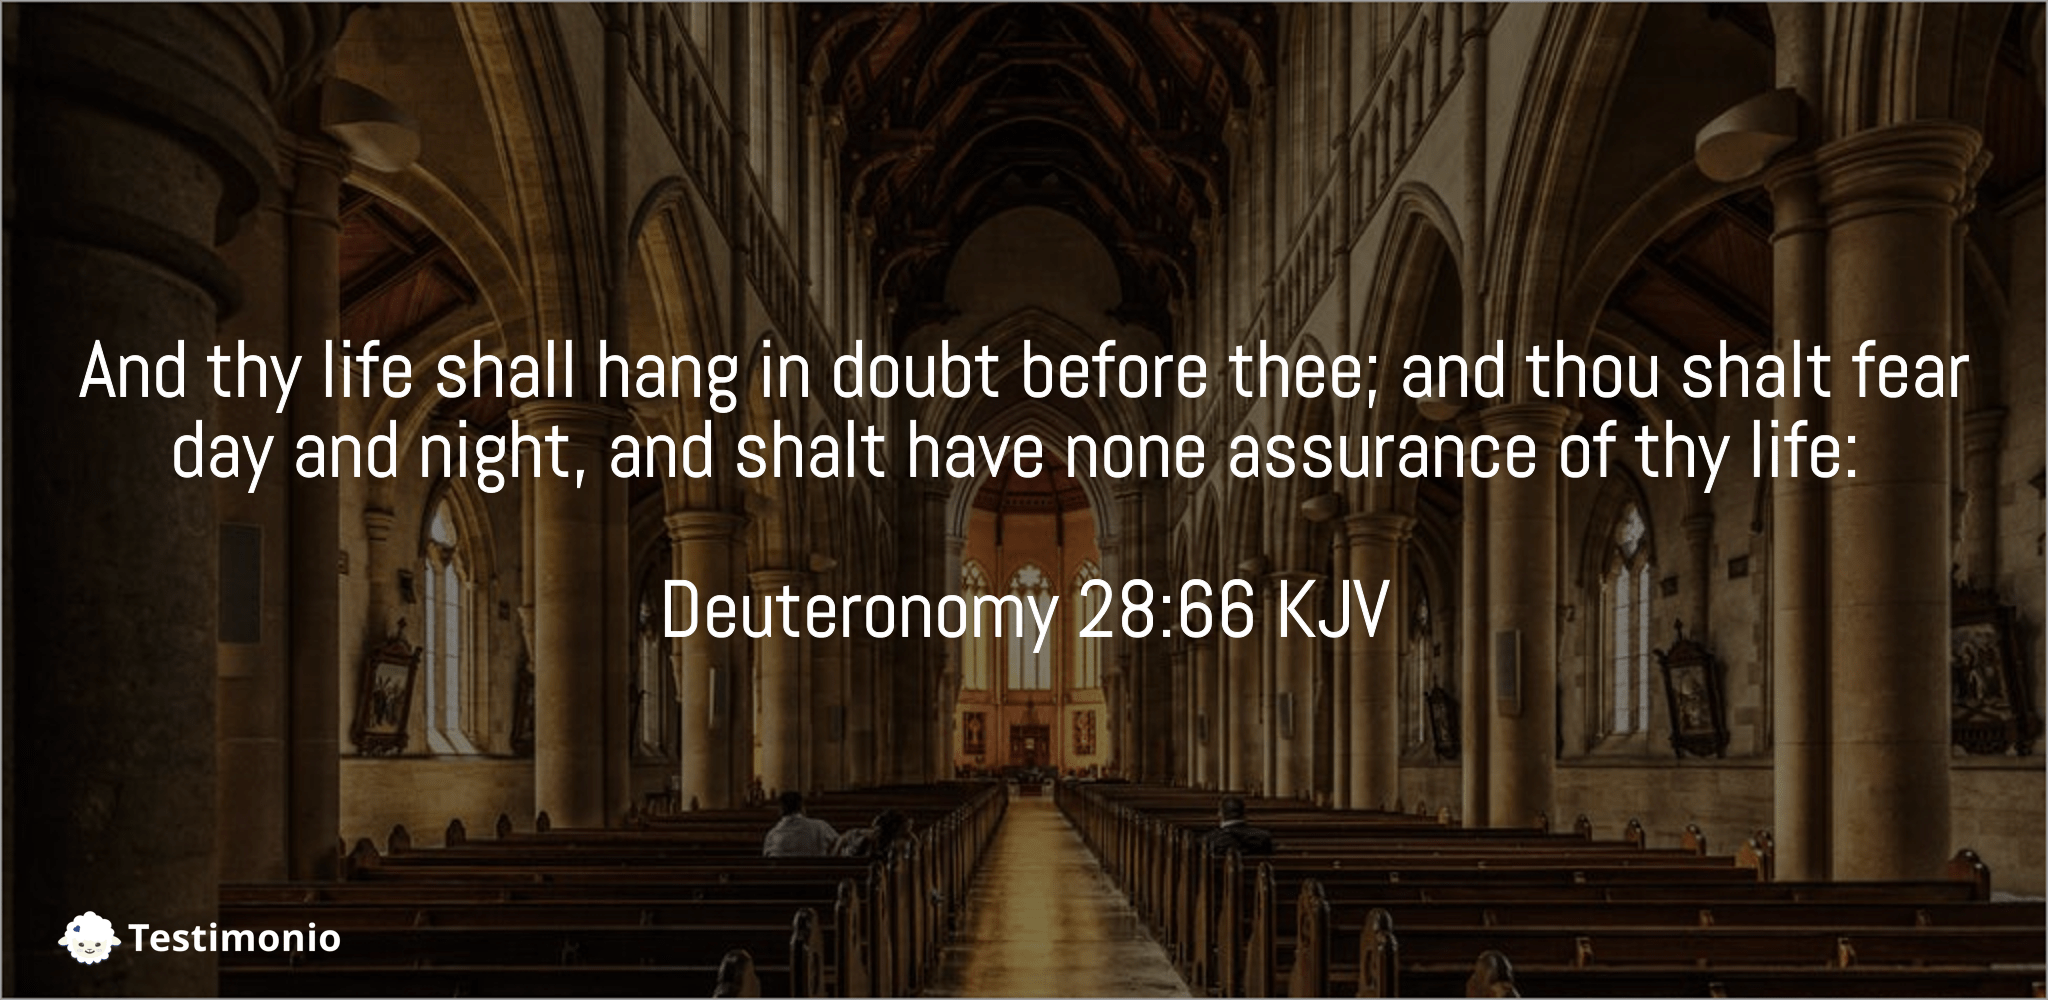 Deuteronomy 28:66